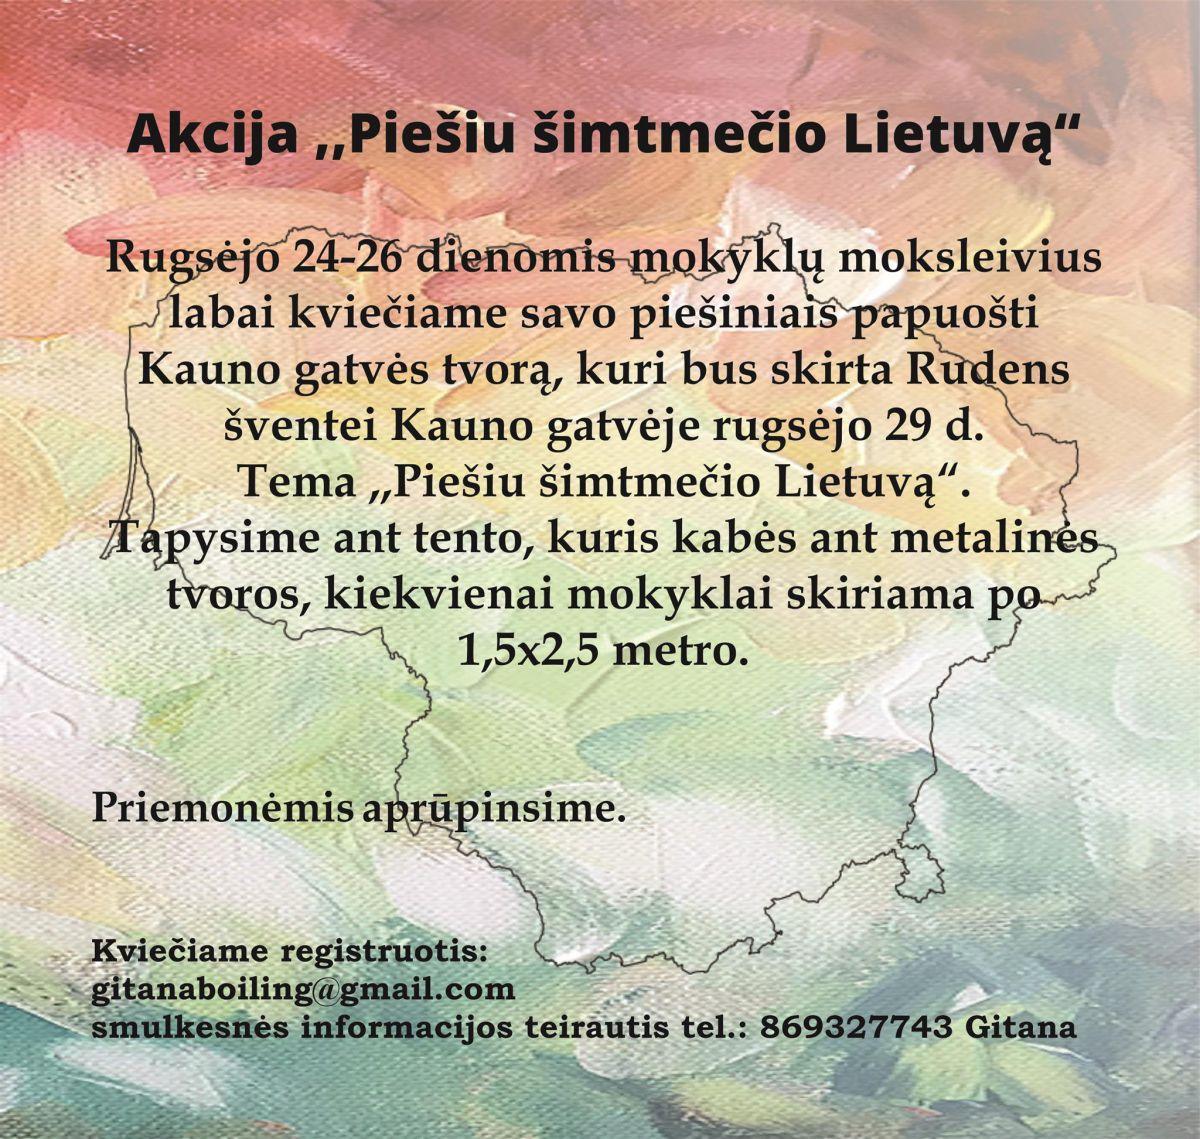 """Akcija """"Piešiu šimtmečio Lietuvą"""